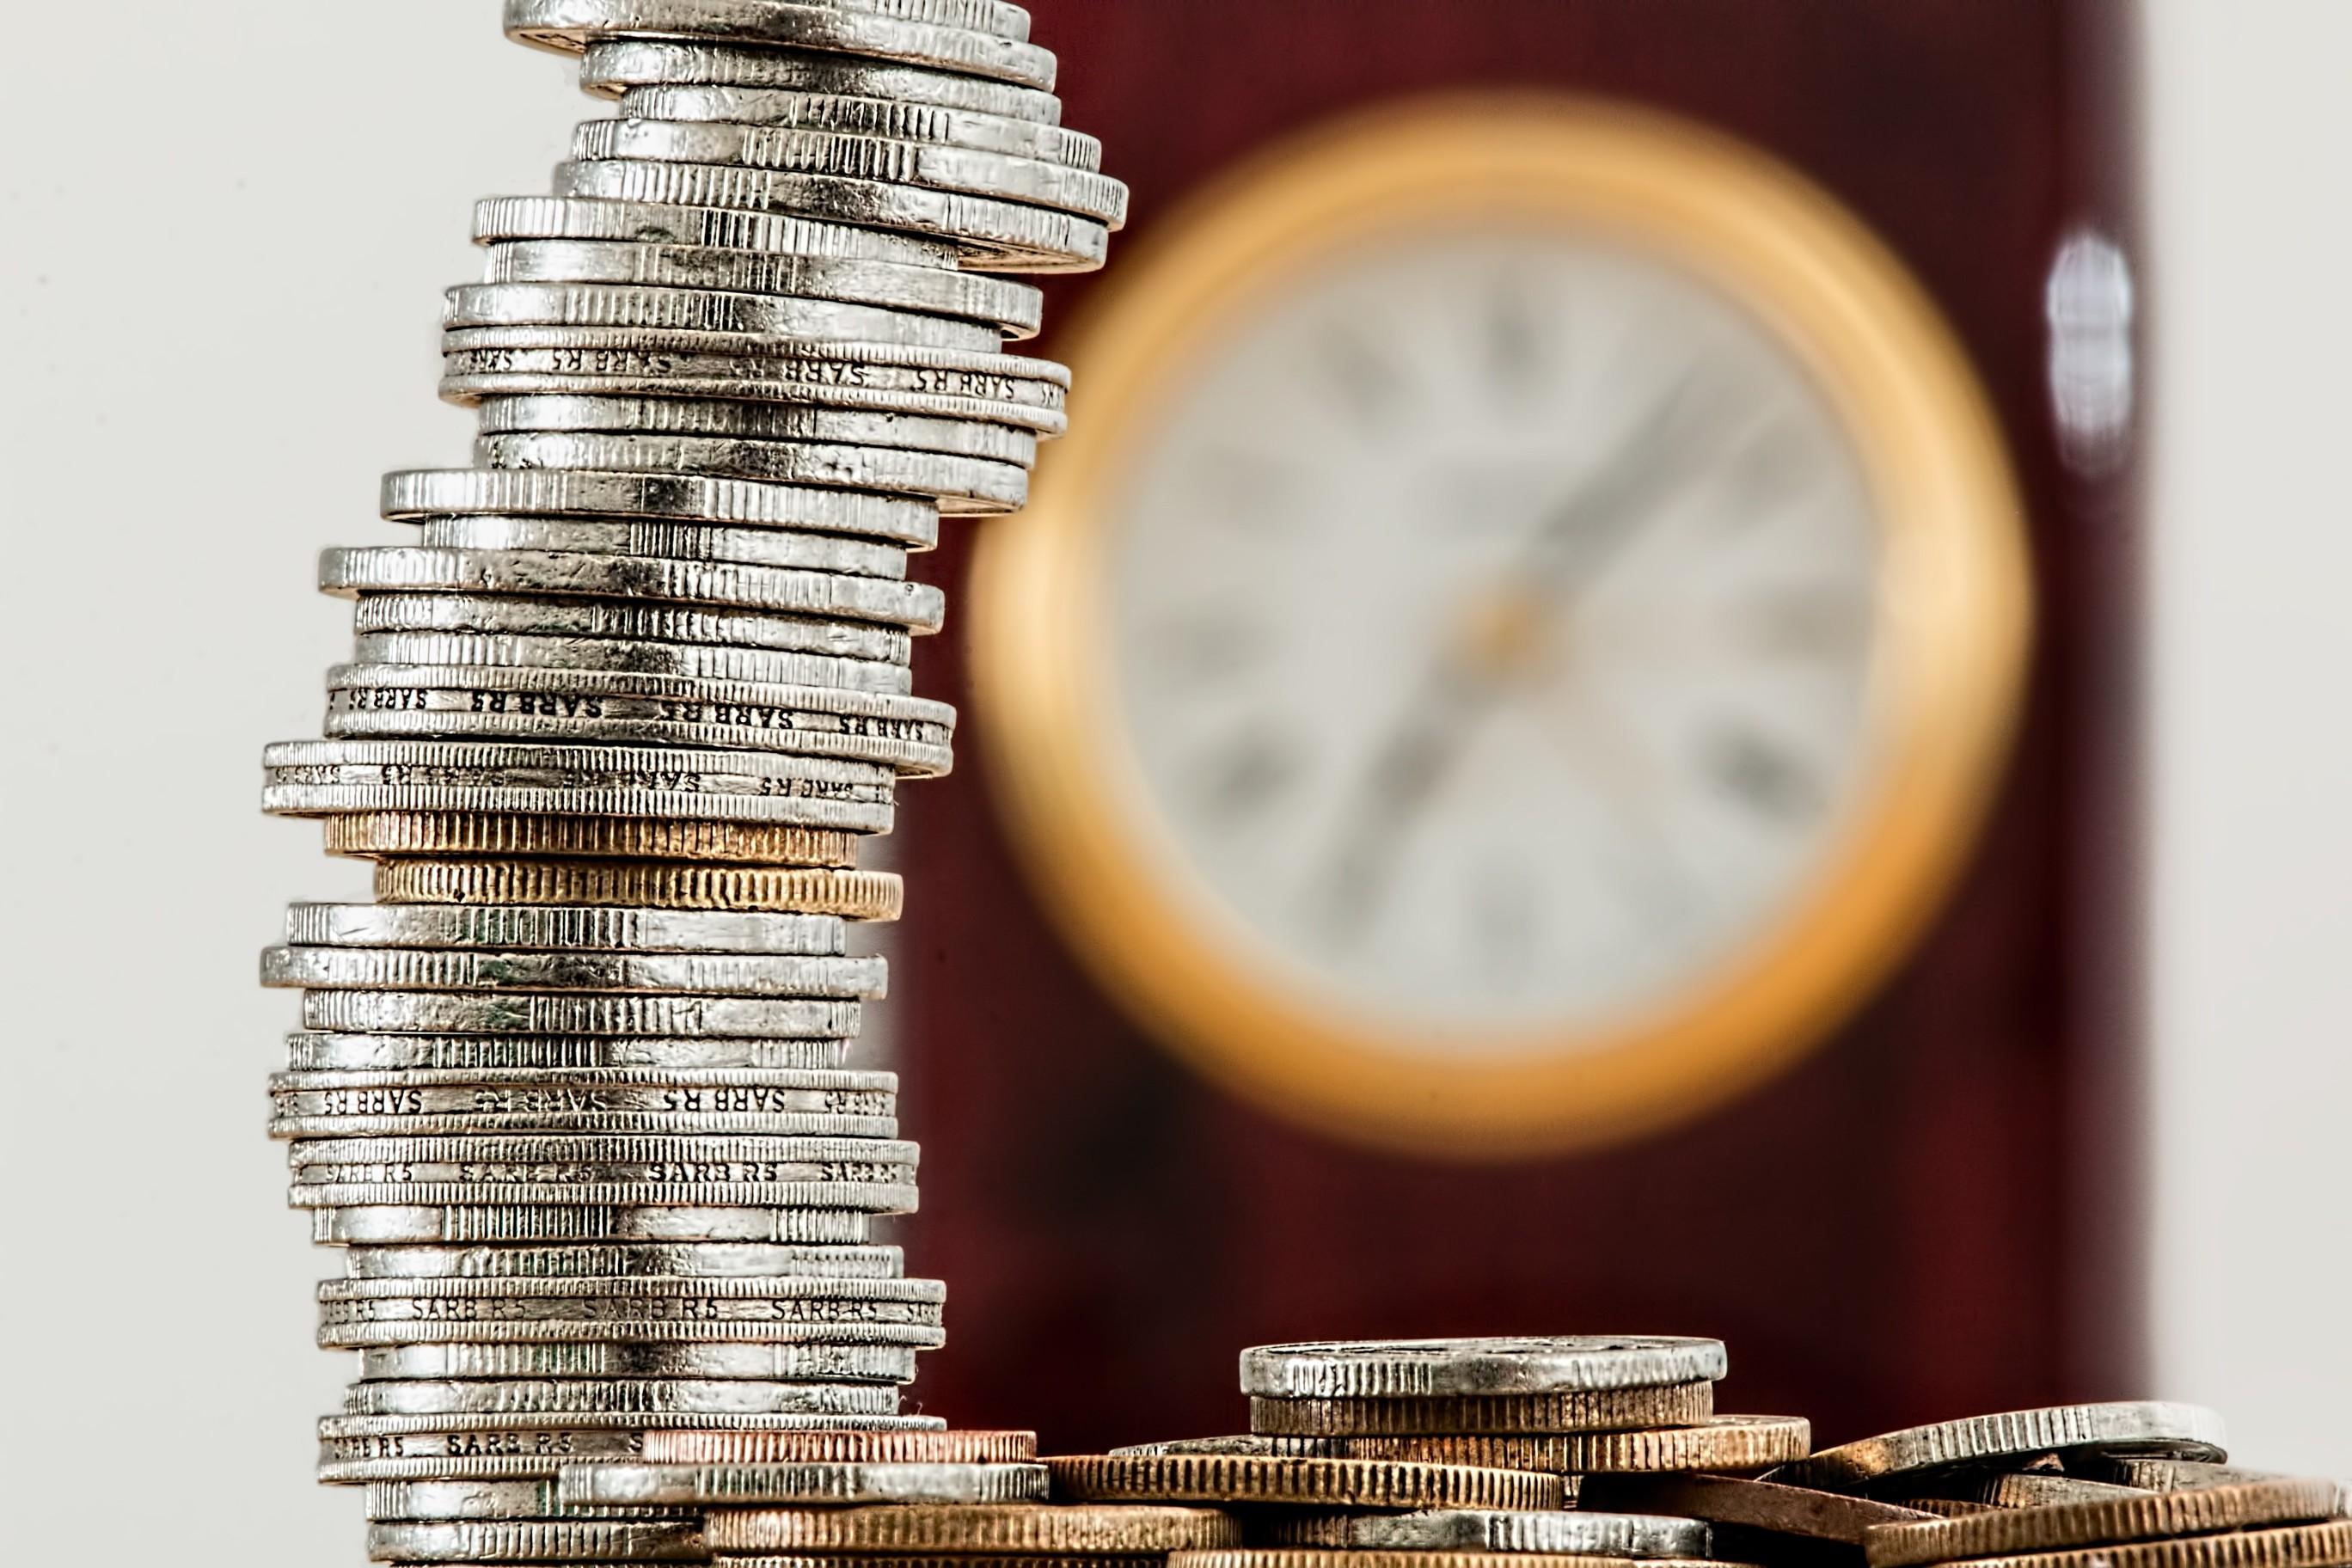 פוליסת פיננסית - פוליסת חיסכון